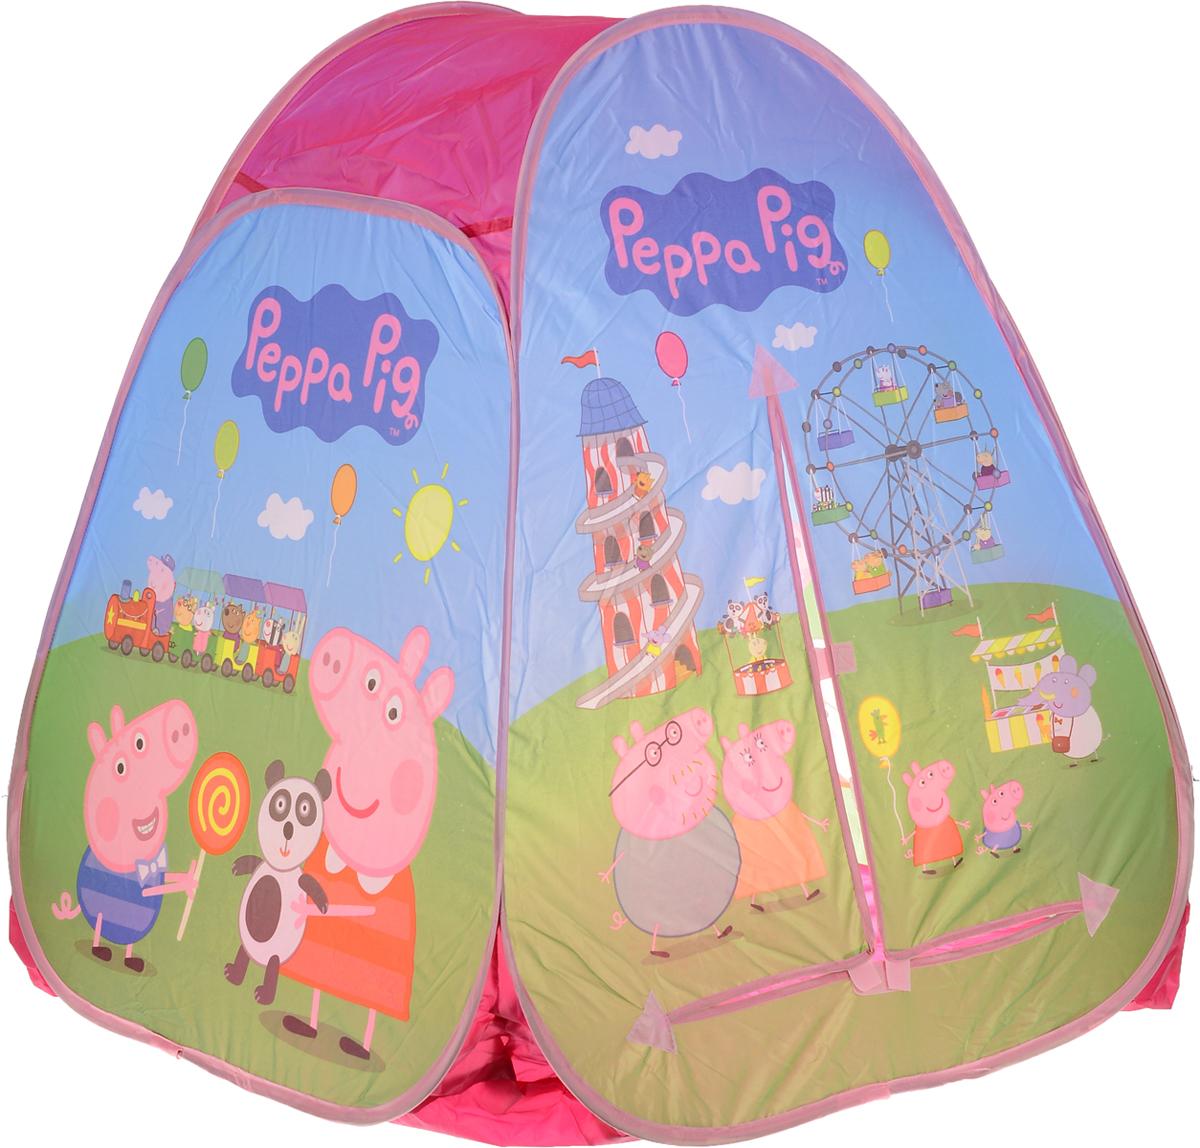 Peppa Pig Палатка для игр Пеппа в Луна-парке 3000930009Побалуйте своего малыша, подарив ему очаровательную игровую палатку Peppa Pig Пеппа в Луна-парке, созданную по мотивам увлекательного мультфильма Свинка Пеппа. Не сомневайтесь - она обязательно станет любимым домиком вашего ребенка. Благодаря ее удобному самораскладывающемуся каркасу, вы легко сможете складывать и раскладывать палатку, в чем вам поможет краткая инструкция, представленная в картинках на упаковке. Компактный размер в сложенном виде позволяет легко переносить палатку, поэтому с ней увлекательно и комфортно играть не только дома, но и на природе. Палатка имеет входной полог на липучке. Палатка для игр Peppa Pig Пеппа в Луна-парке прослужит долгое время, благодаря своему качеству! Это прекрасное решение для сюжетно-ролевых игр.